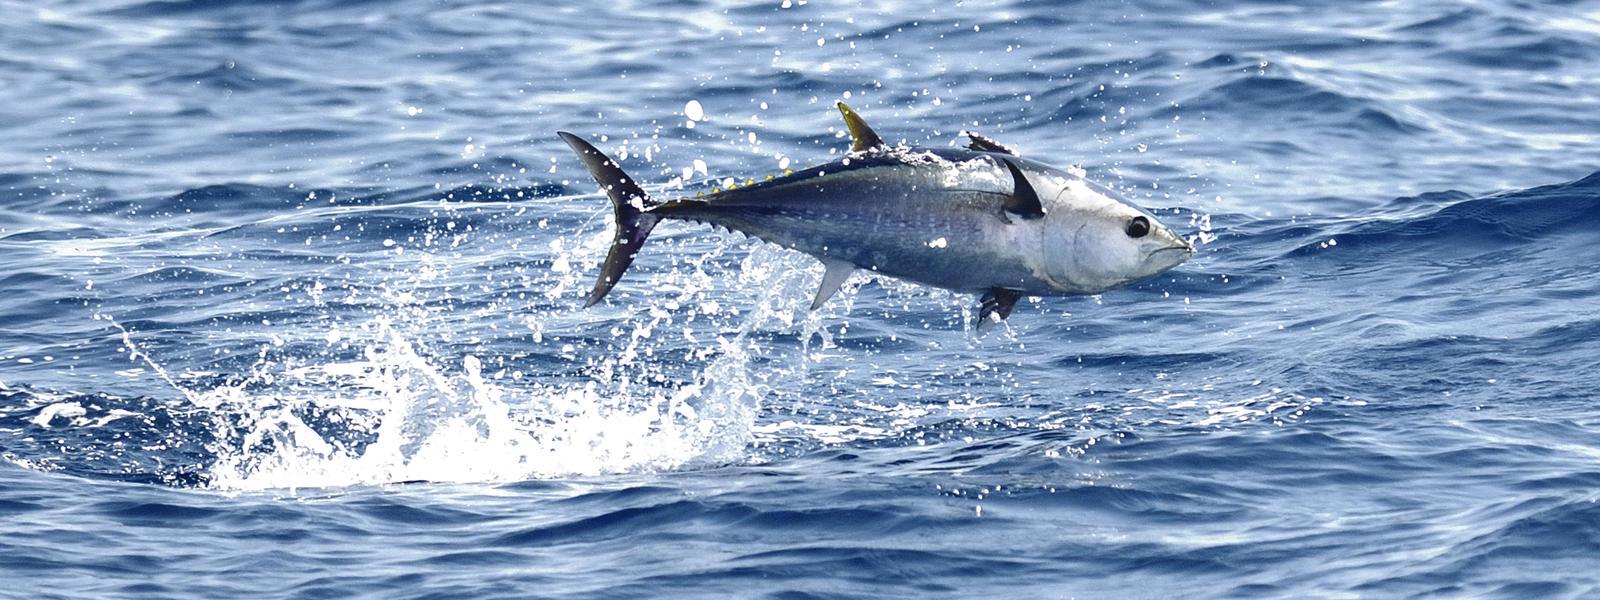 bluefin tuna species wwf